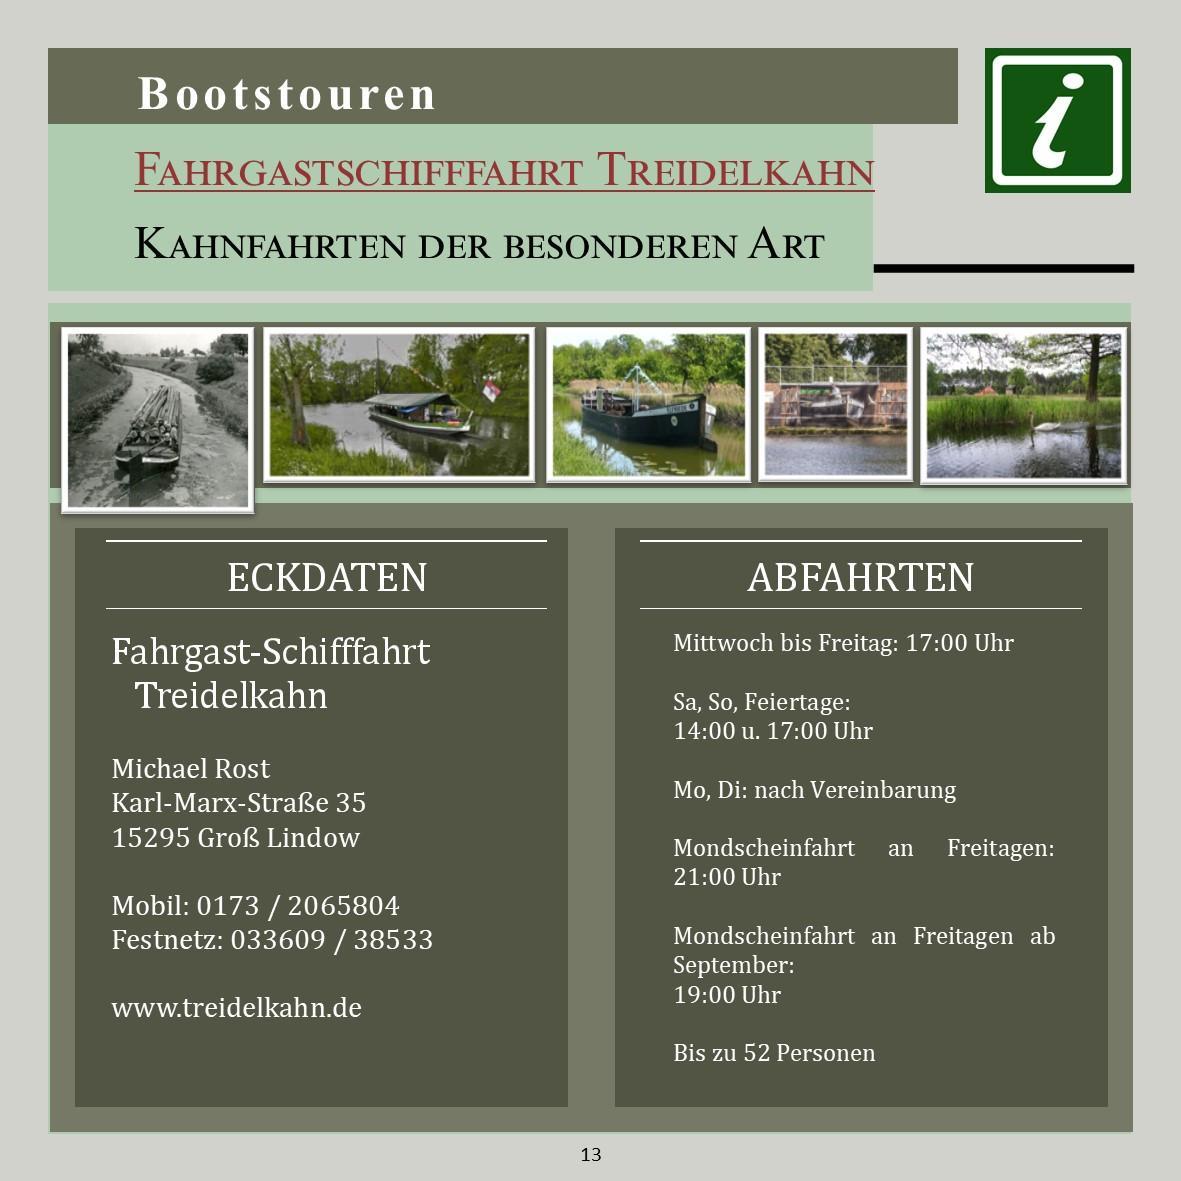 06_Broschüren_Wander_Rad_Bootstouren13